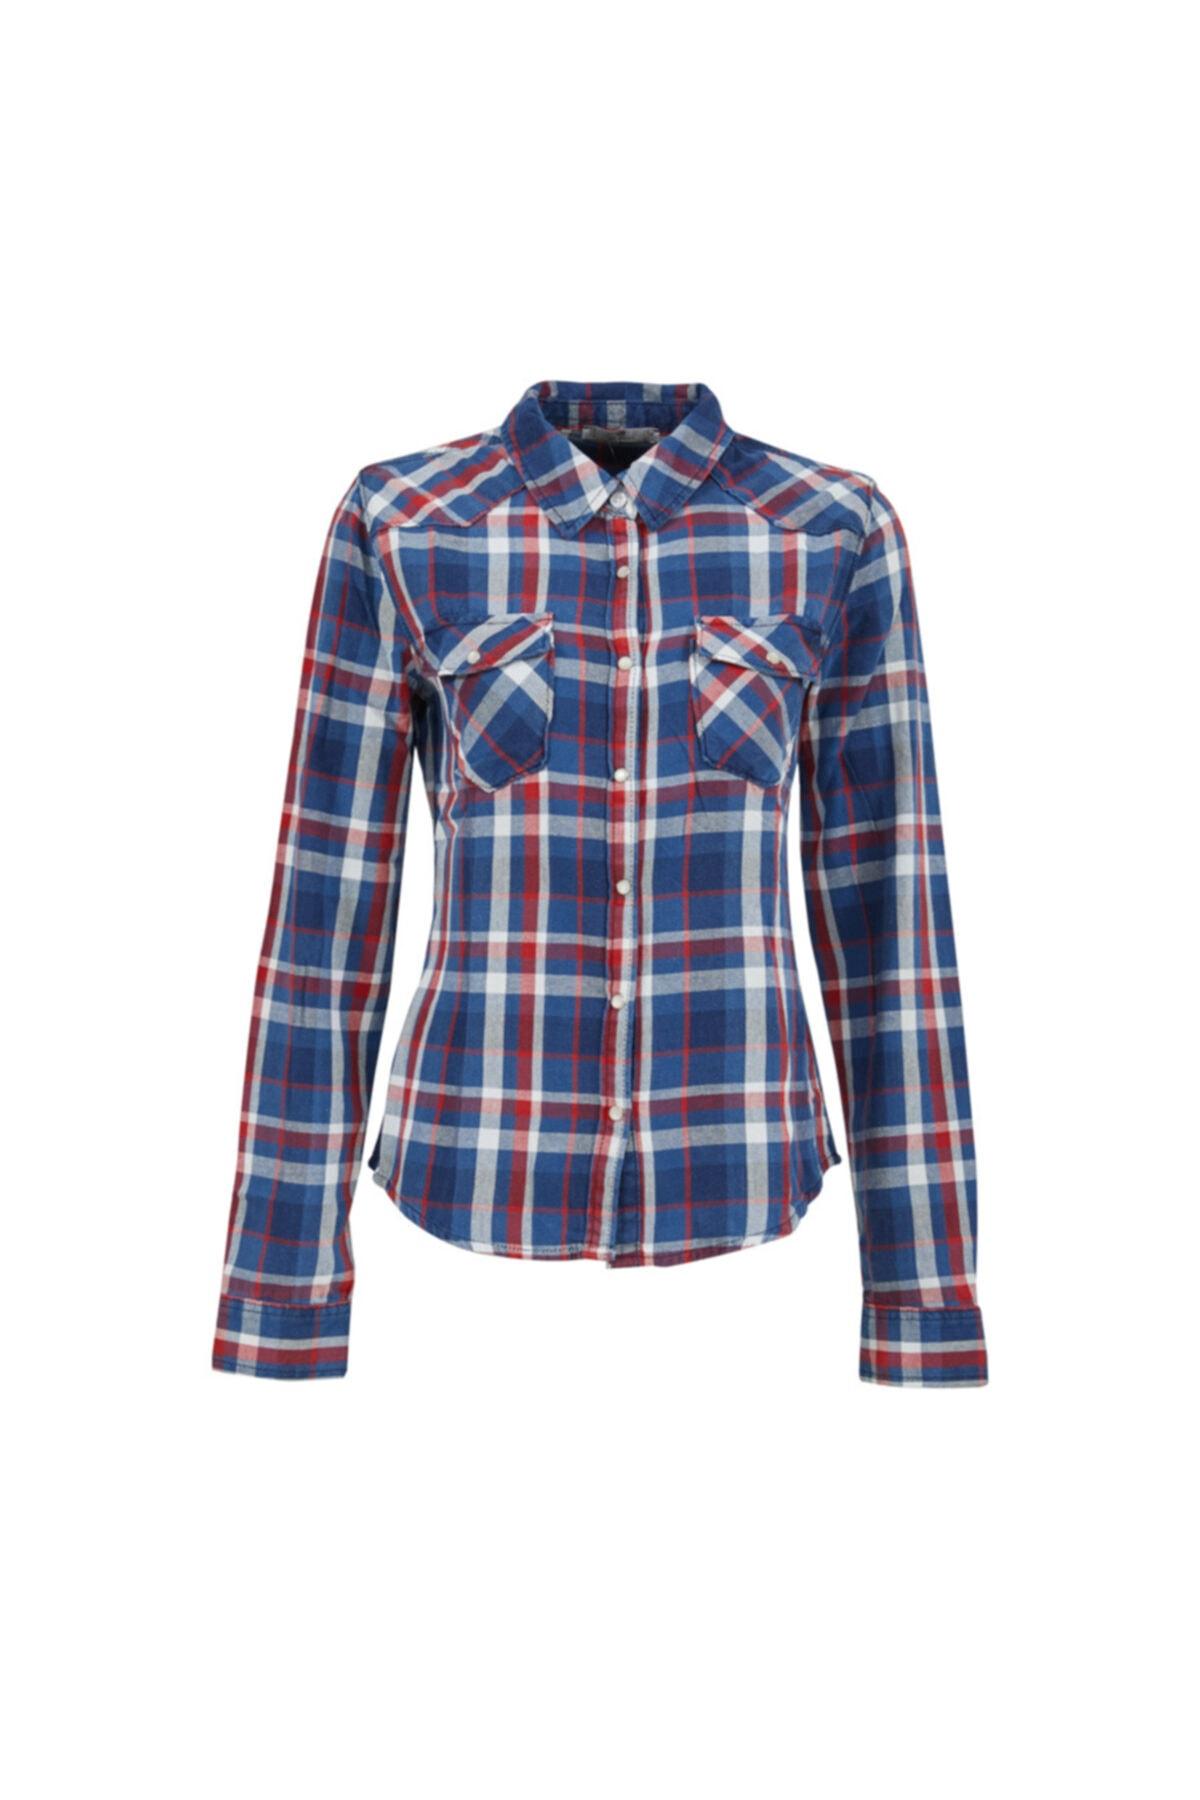 Kadın Jeans Gömlek 01009604741369450491